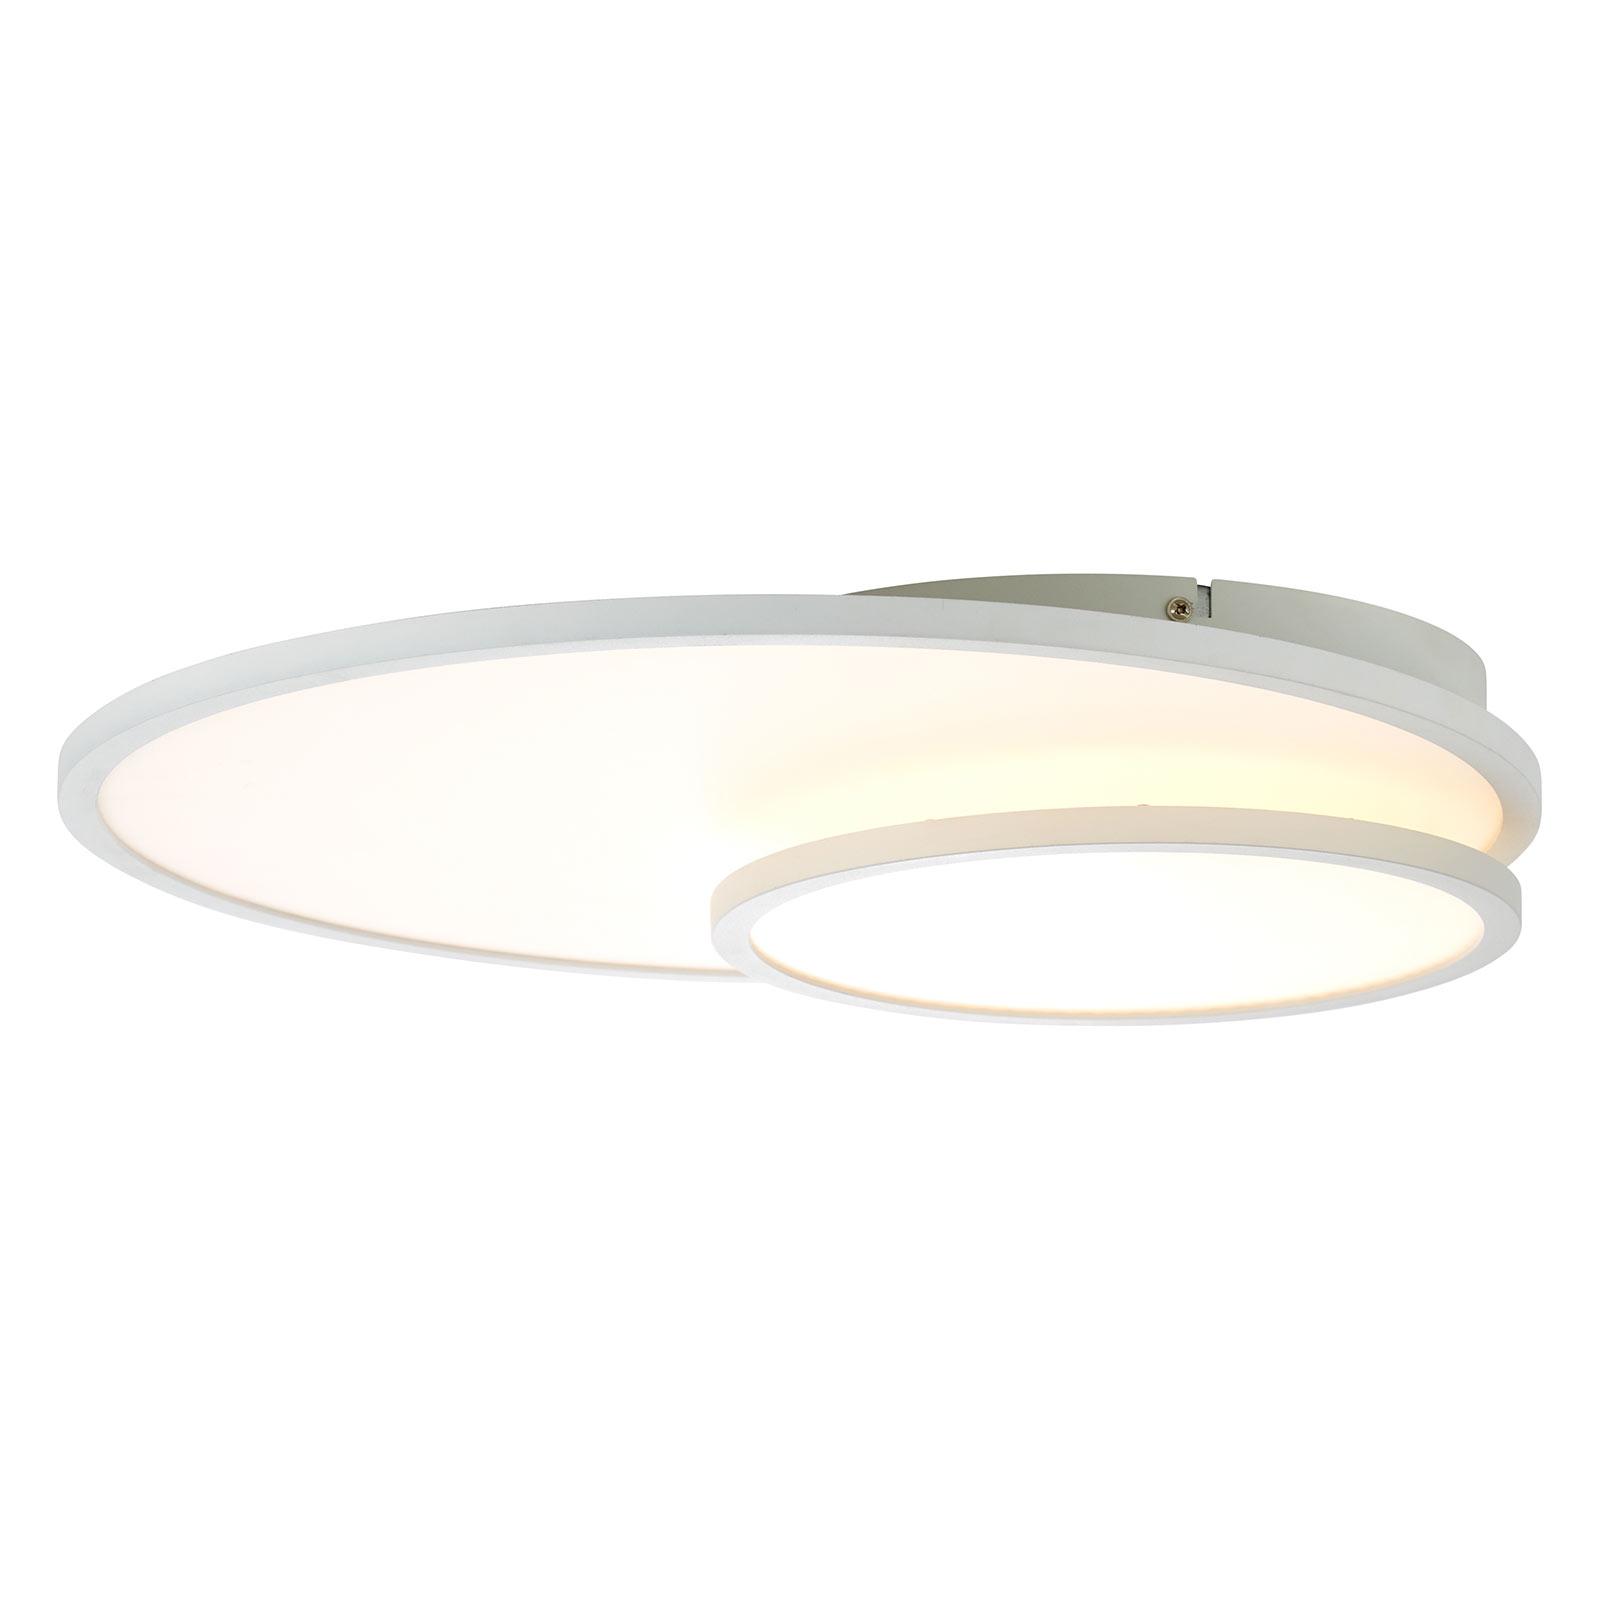 LED-Deckenlampe Bility, rund, Rahmen weiß kaufen